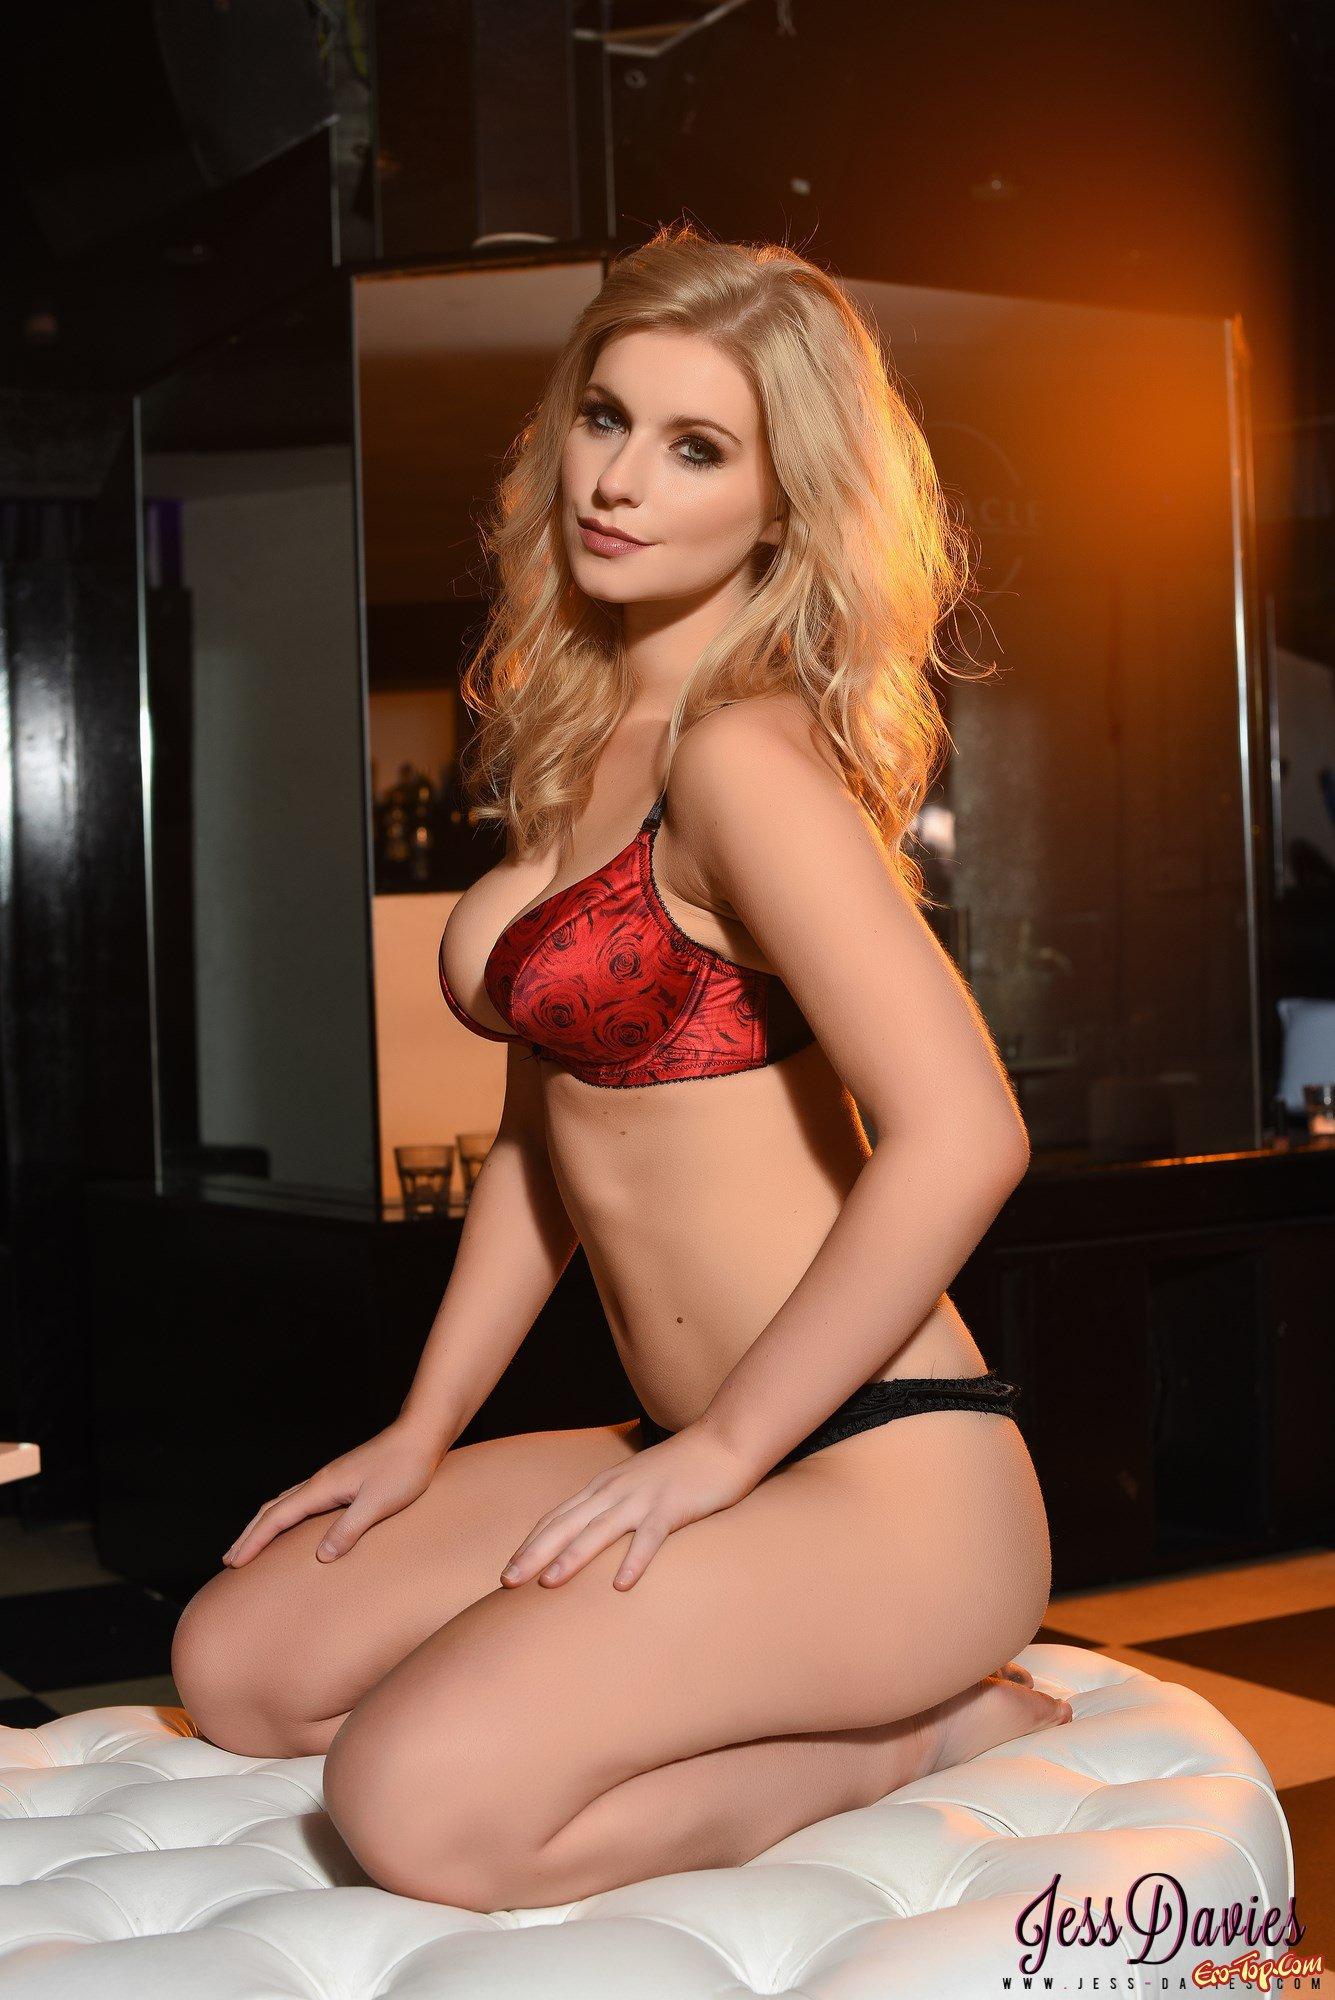 Светловолосая девушка секс фото